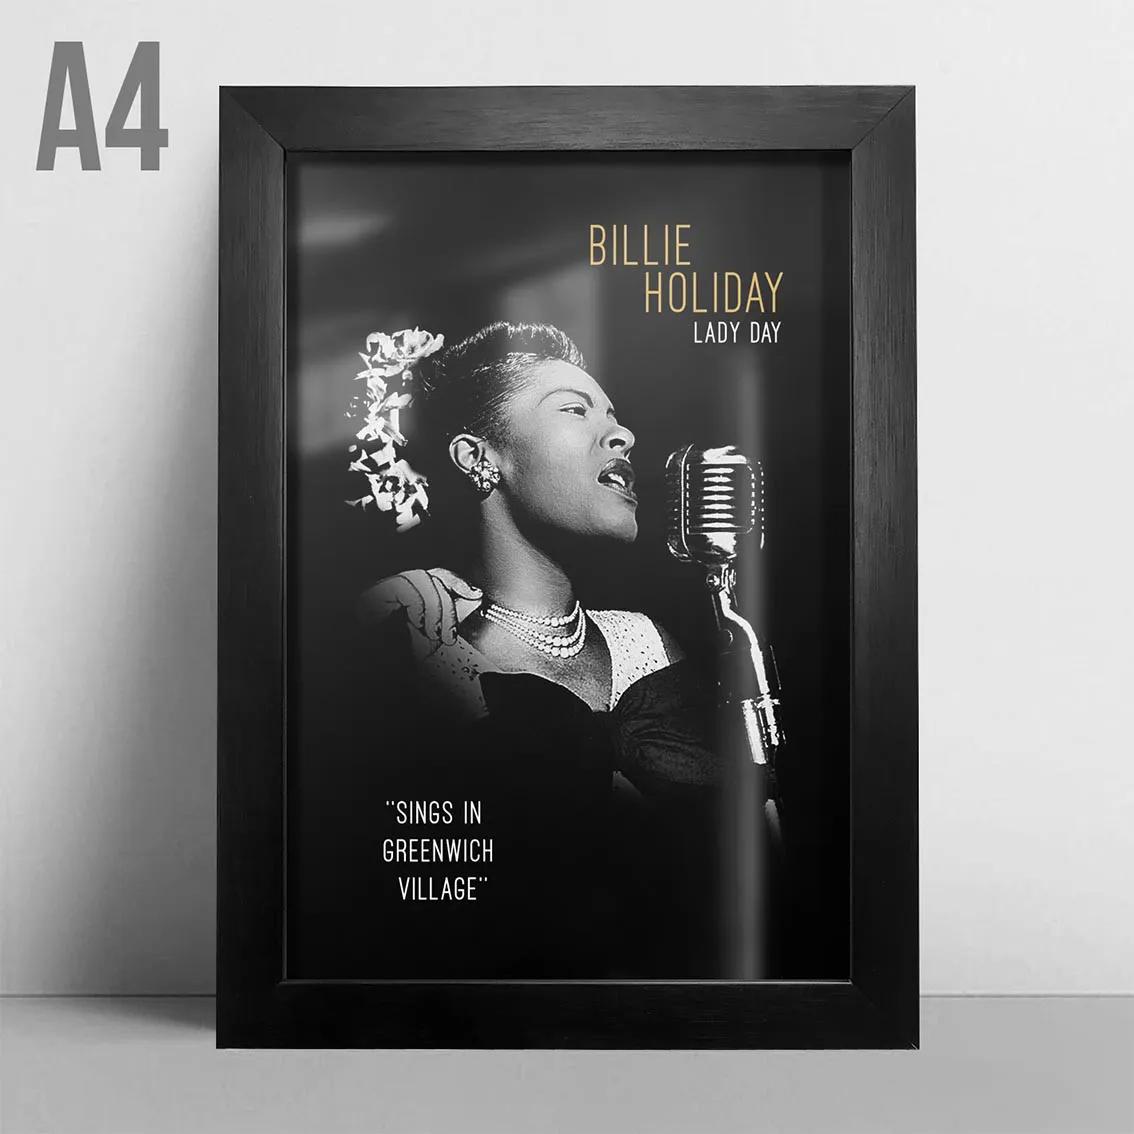 Quadro A4 - Billie Holiday